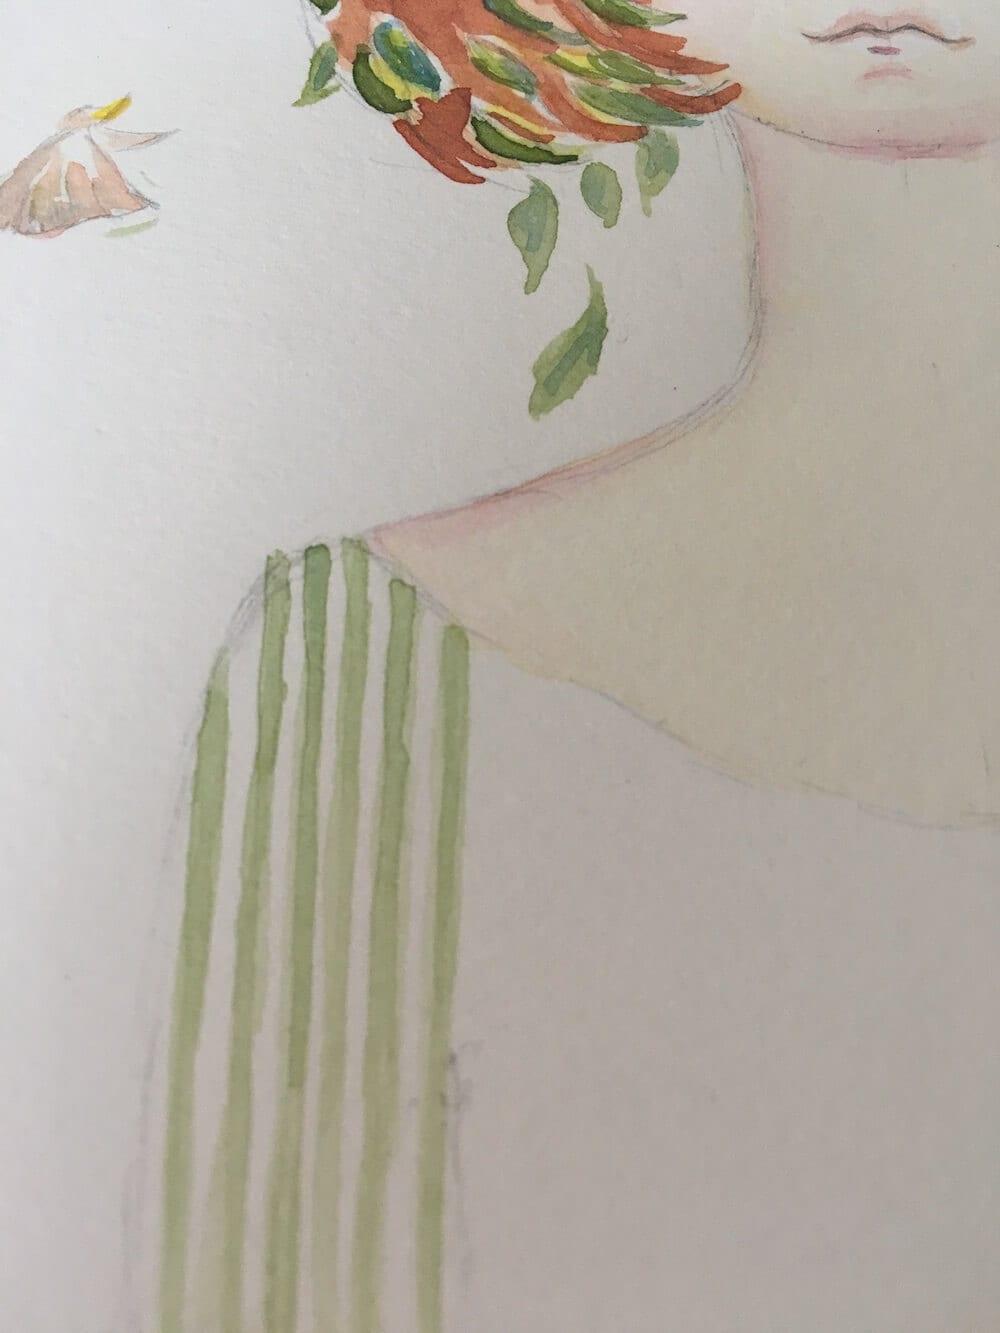 Man sieht ein Detail aus dem Bild Waldfräulein